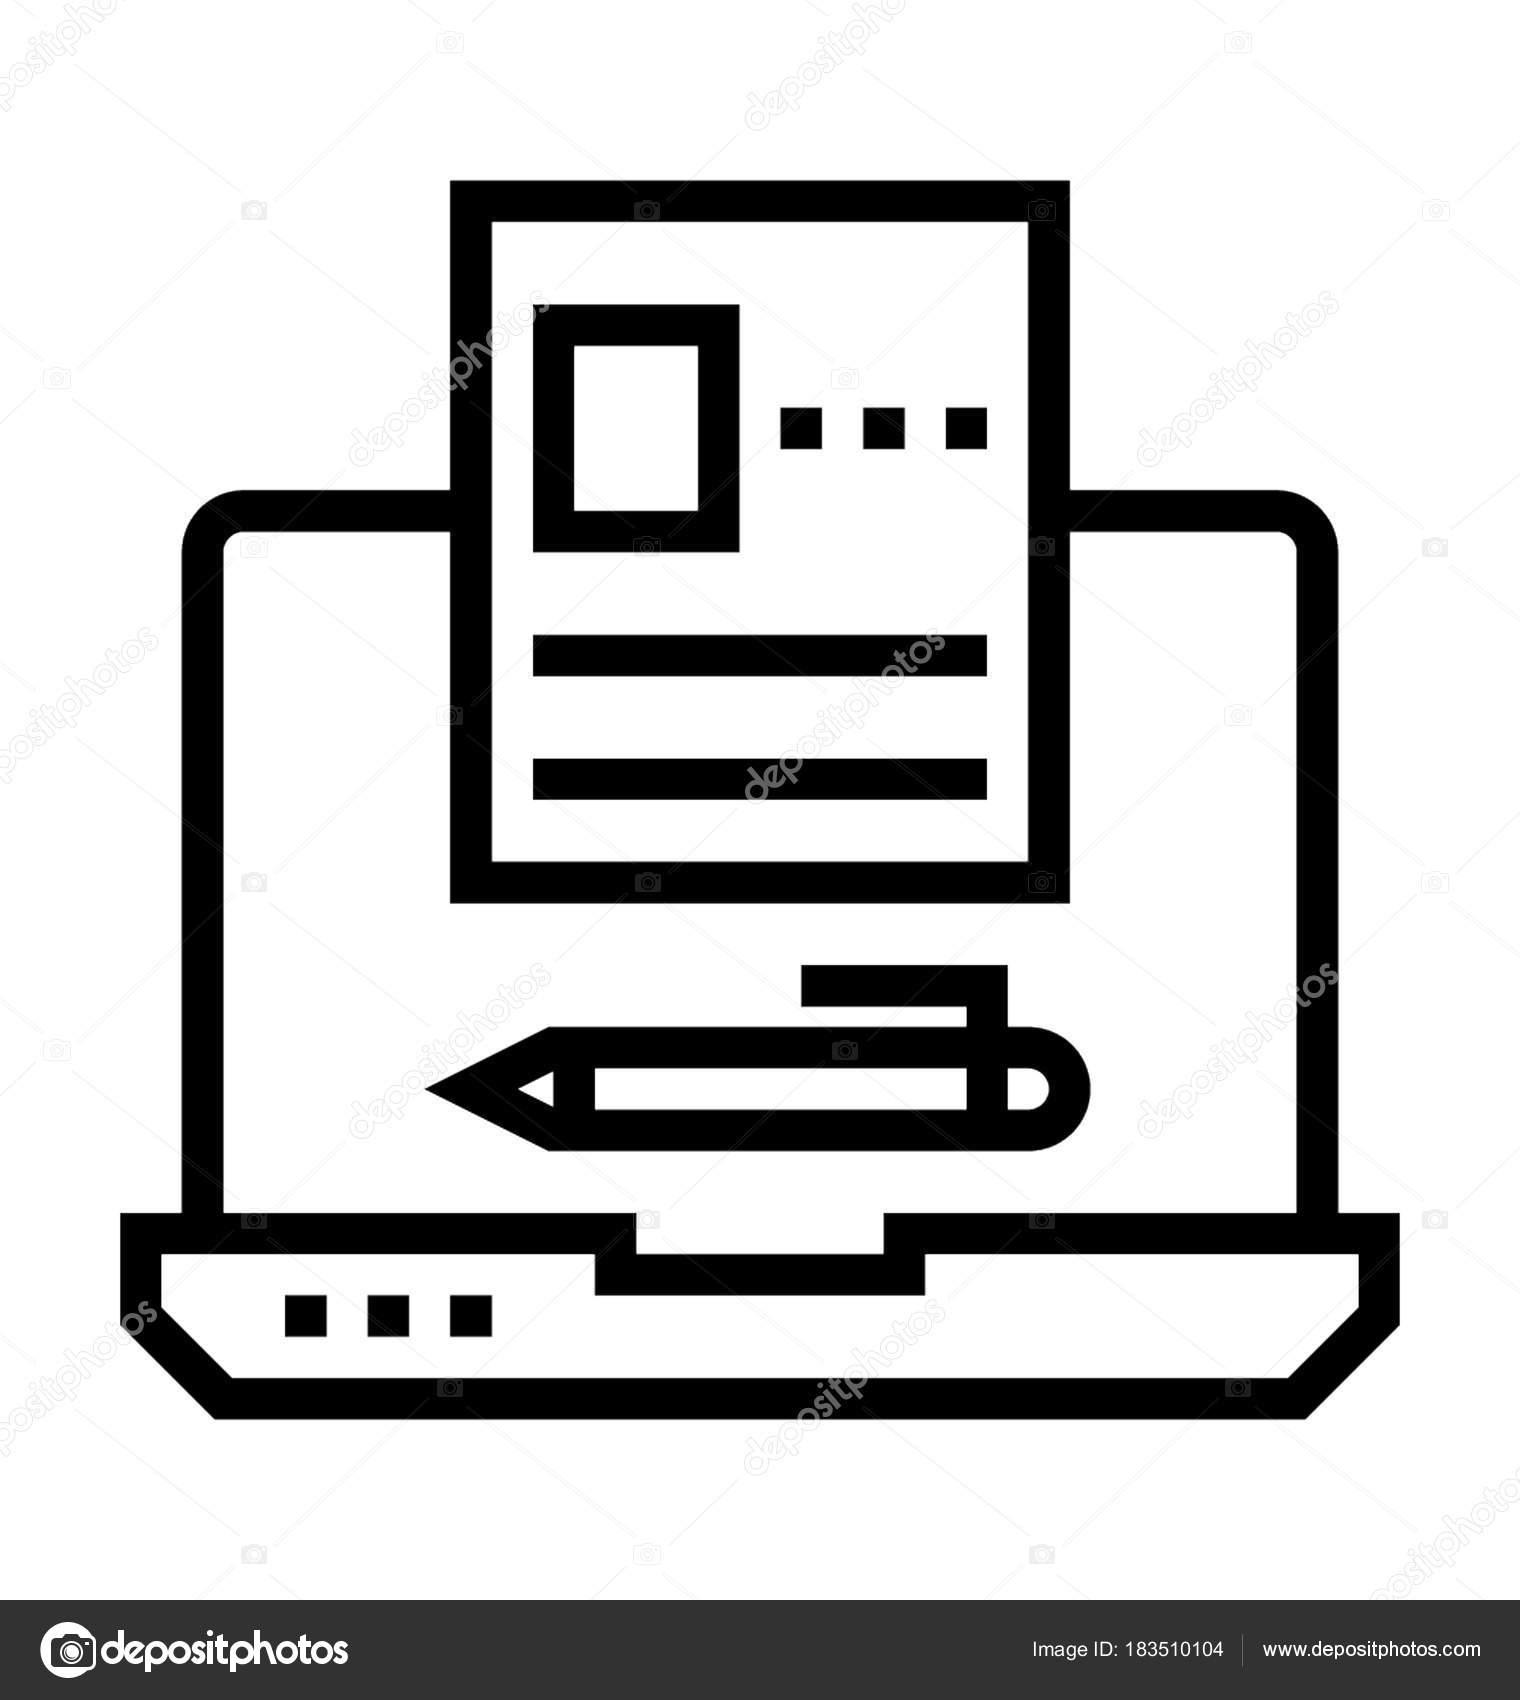 Artículo escrito Vector icono — Vector de stock © prosymbols #183510104